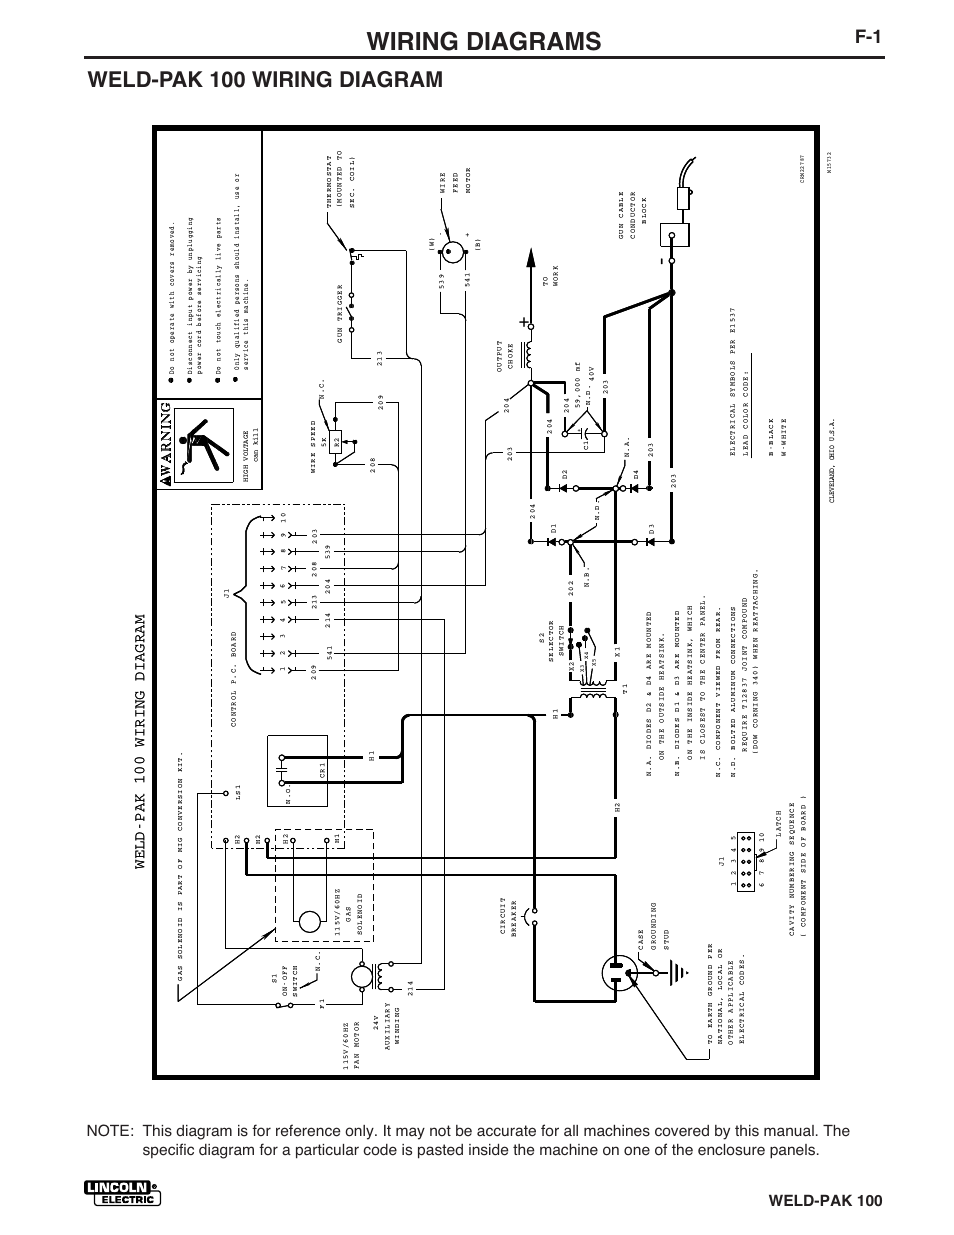 Miller 115/220 Wiring Diagram on